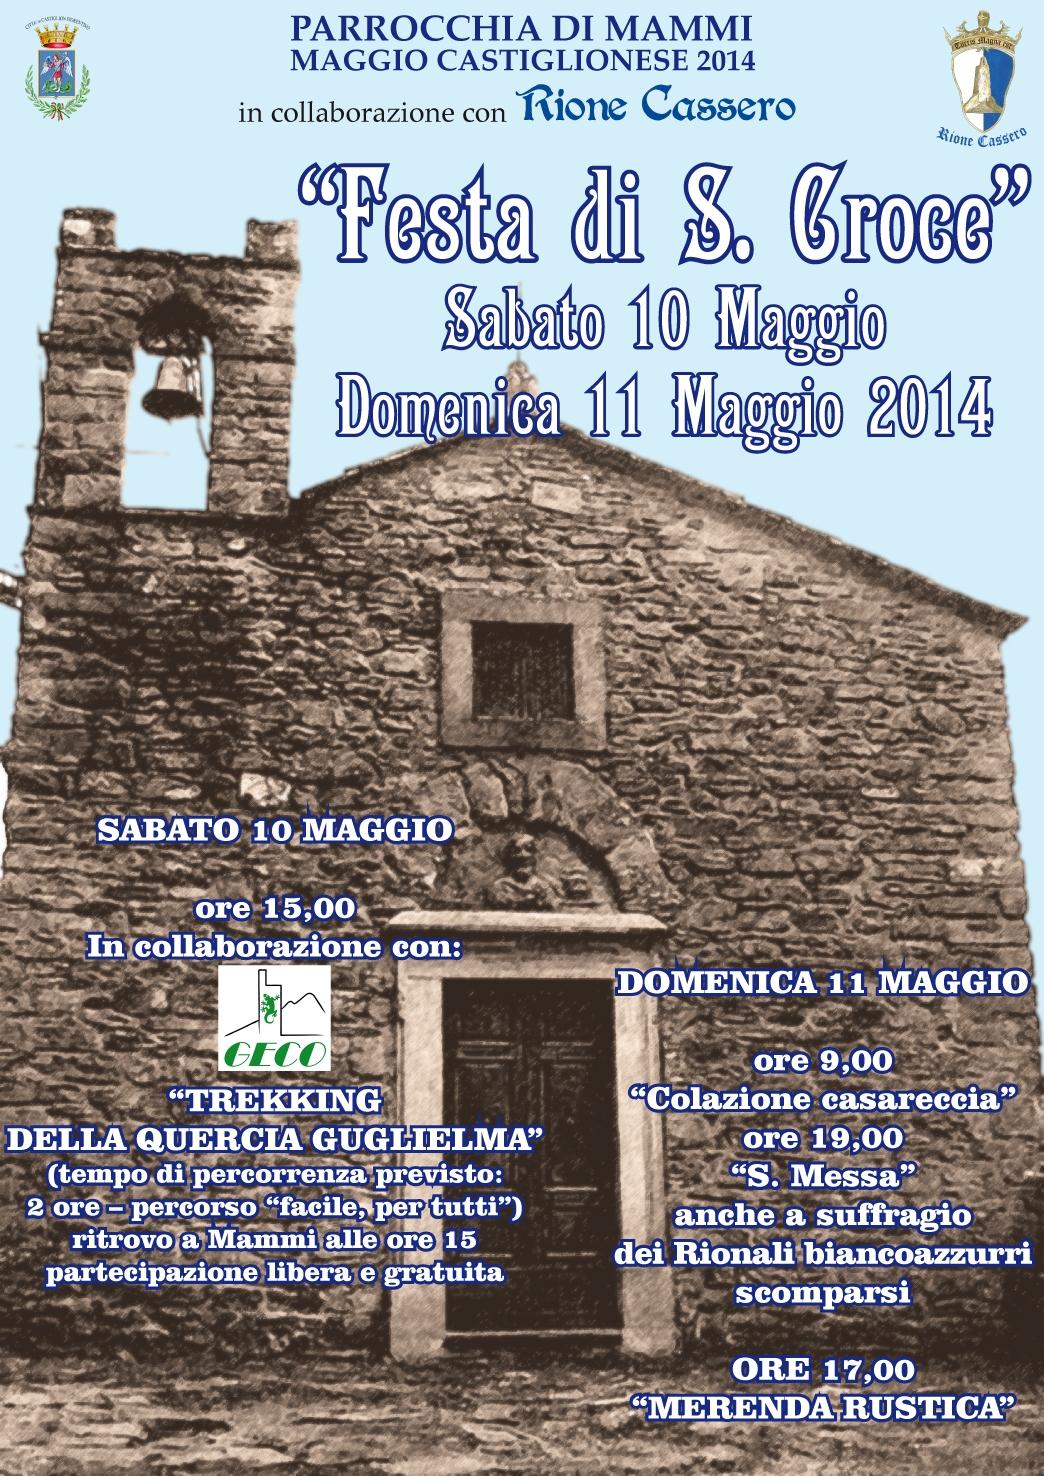 Festa di Santa Croce a Mammi in collaborazione col Rione Cassero